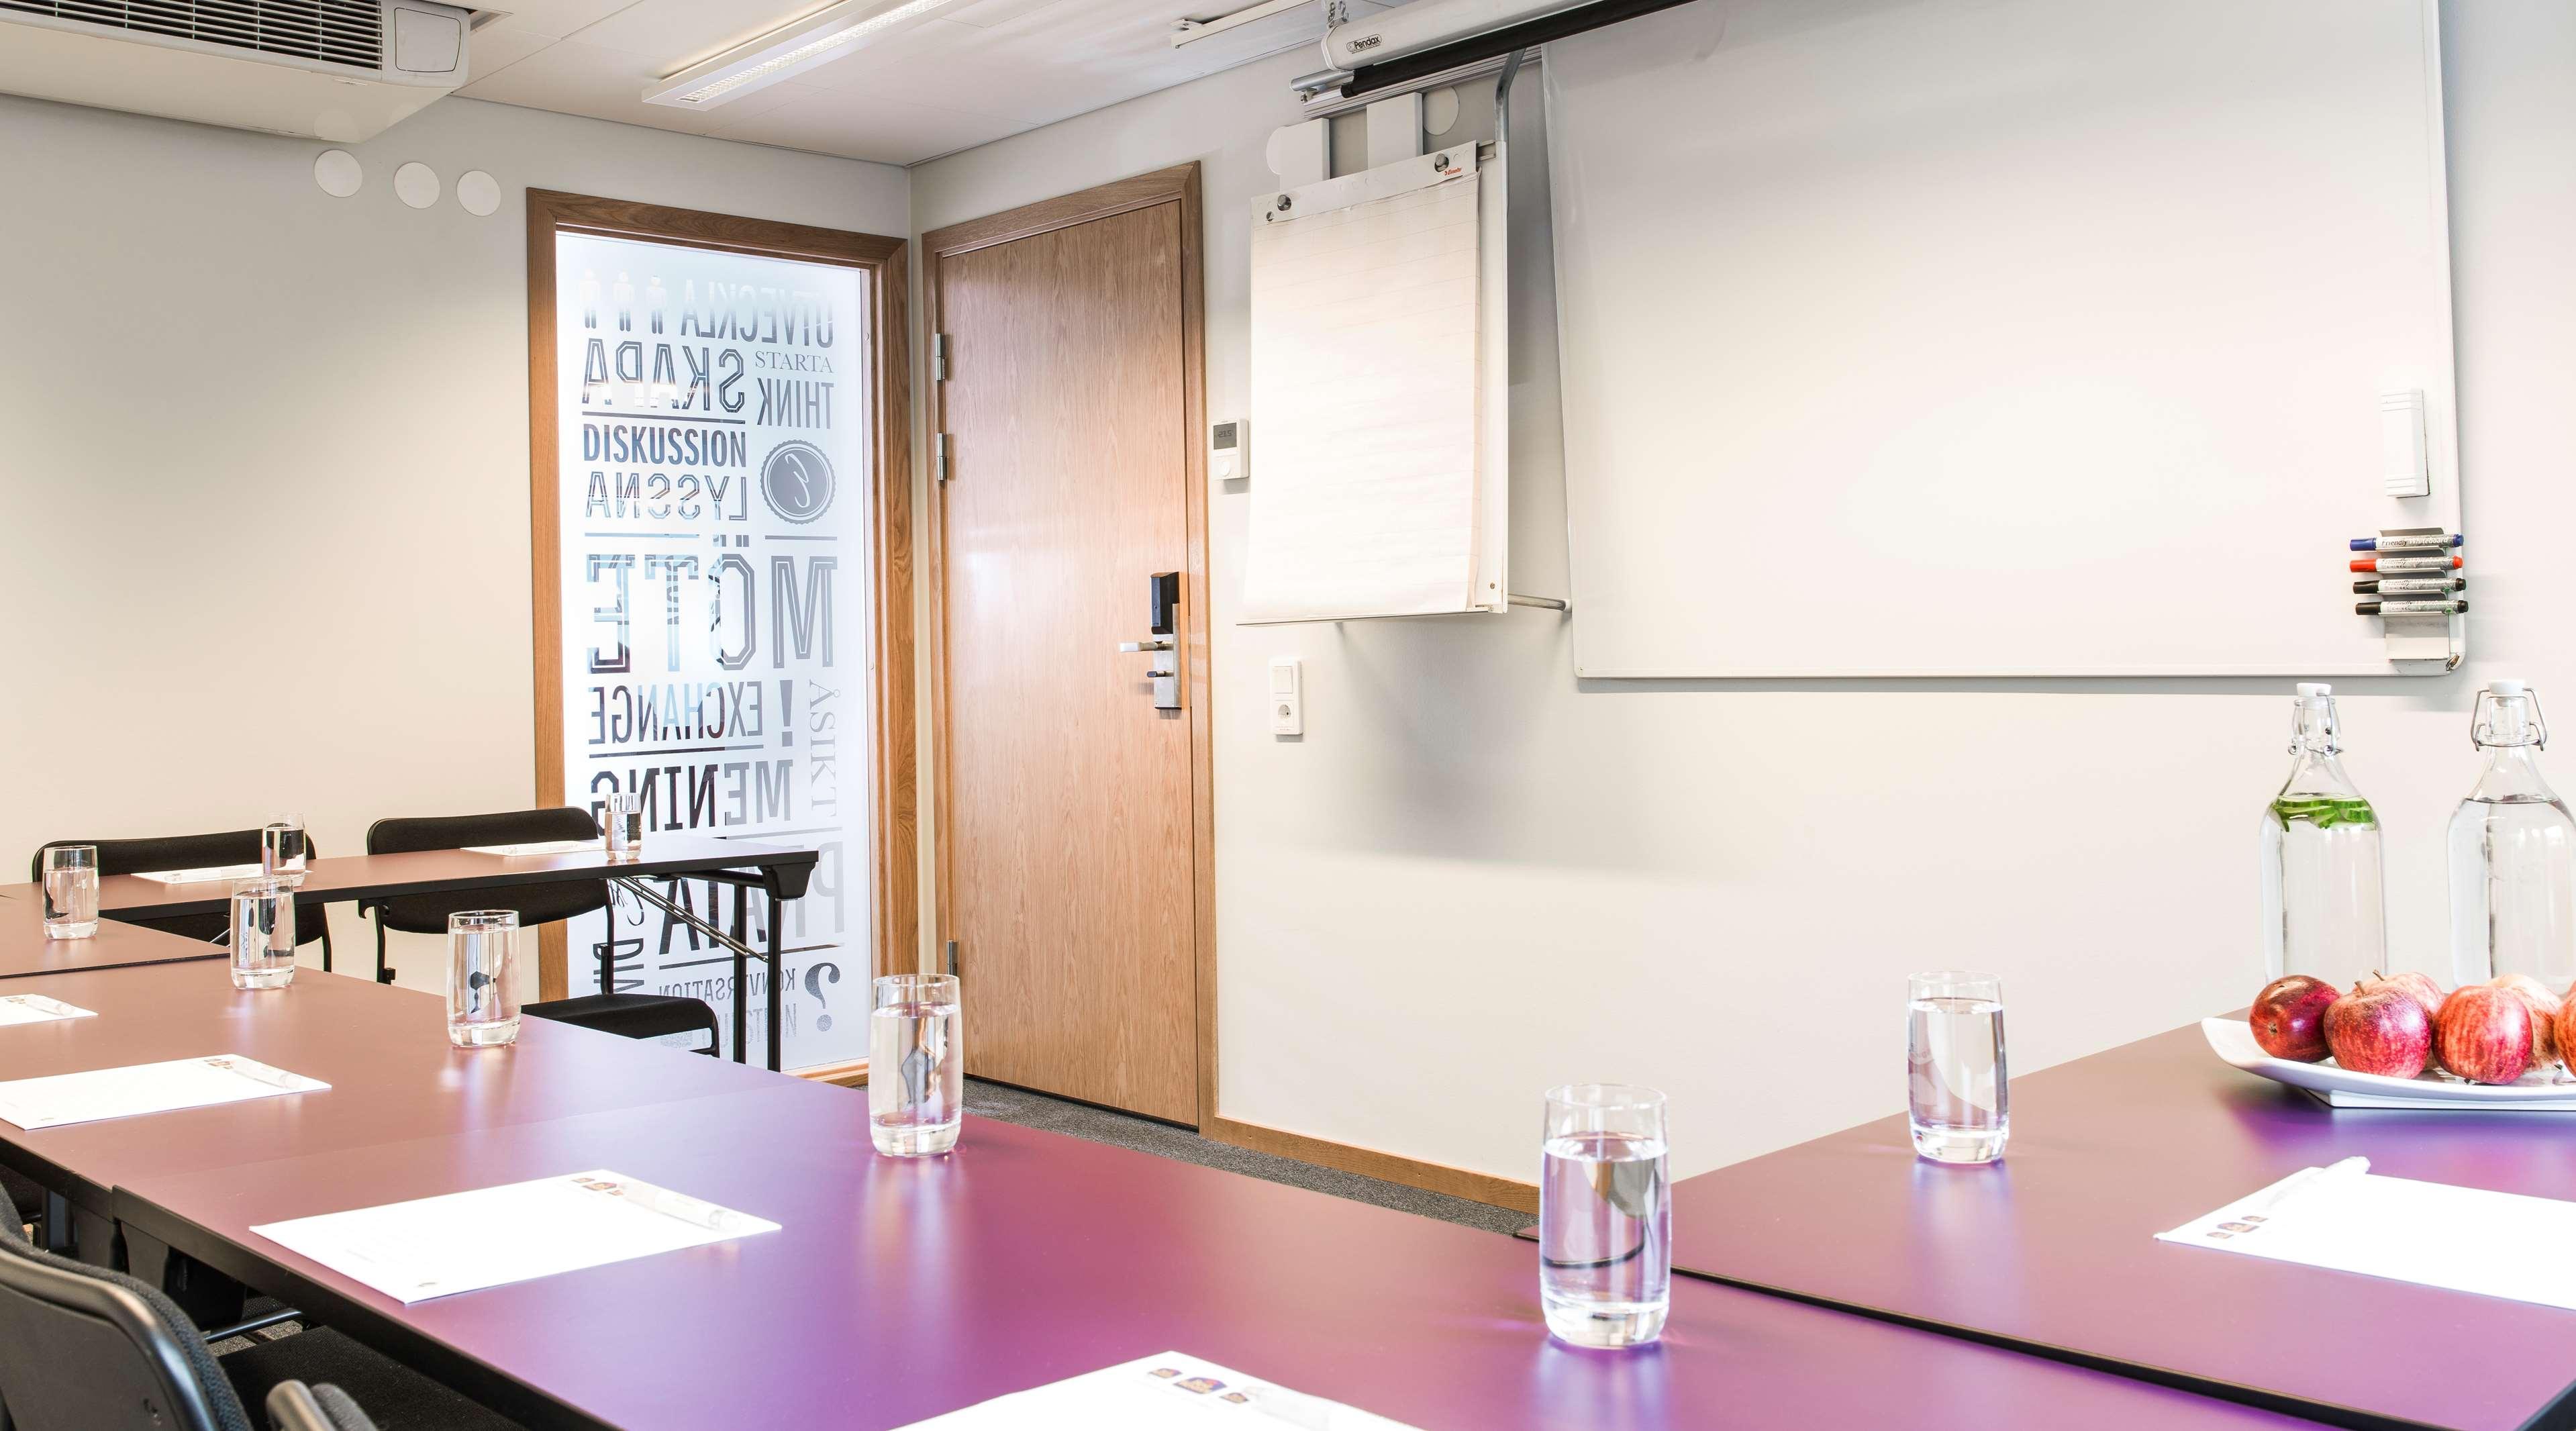 Lillfot Meeting Room